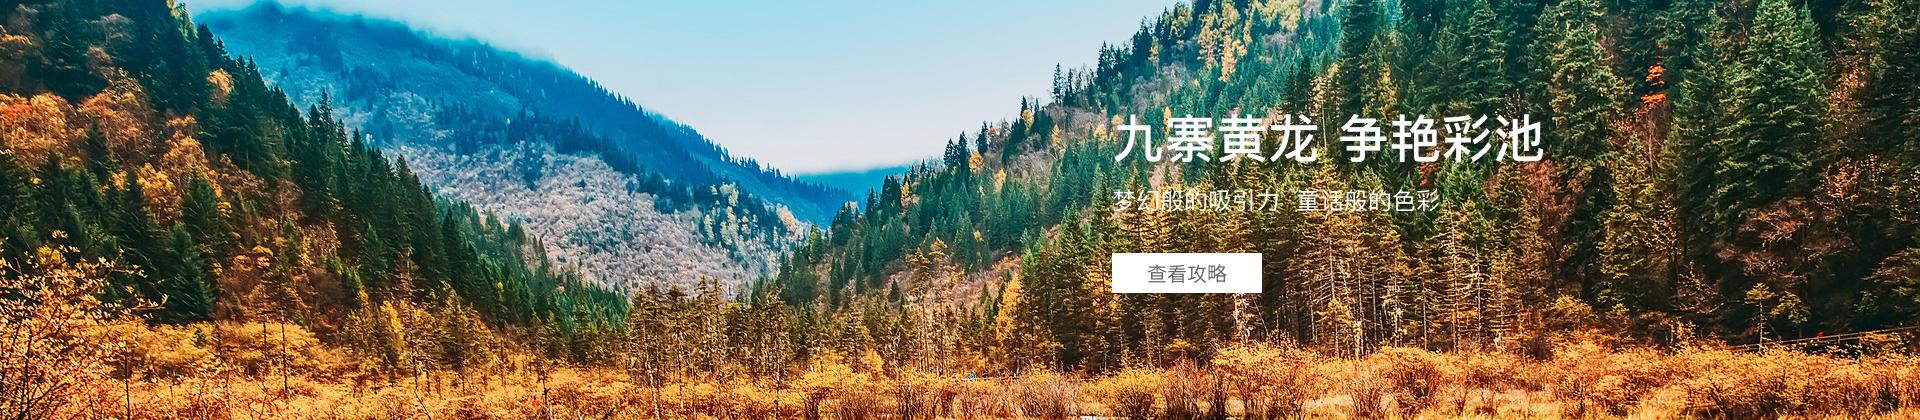 四川旅游经典-九寨沟黄龙自驾路线攻略